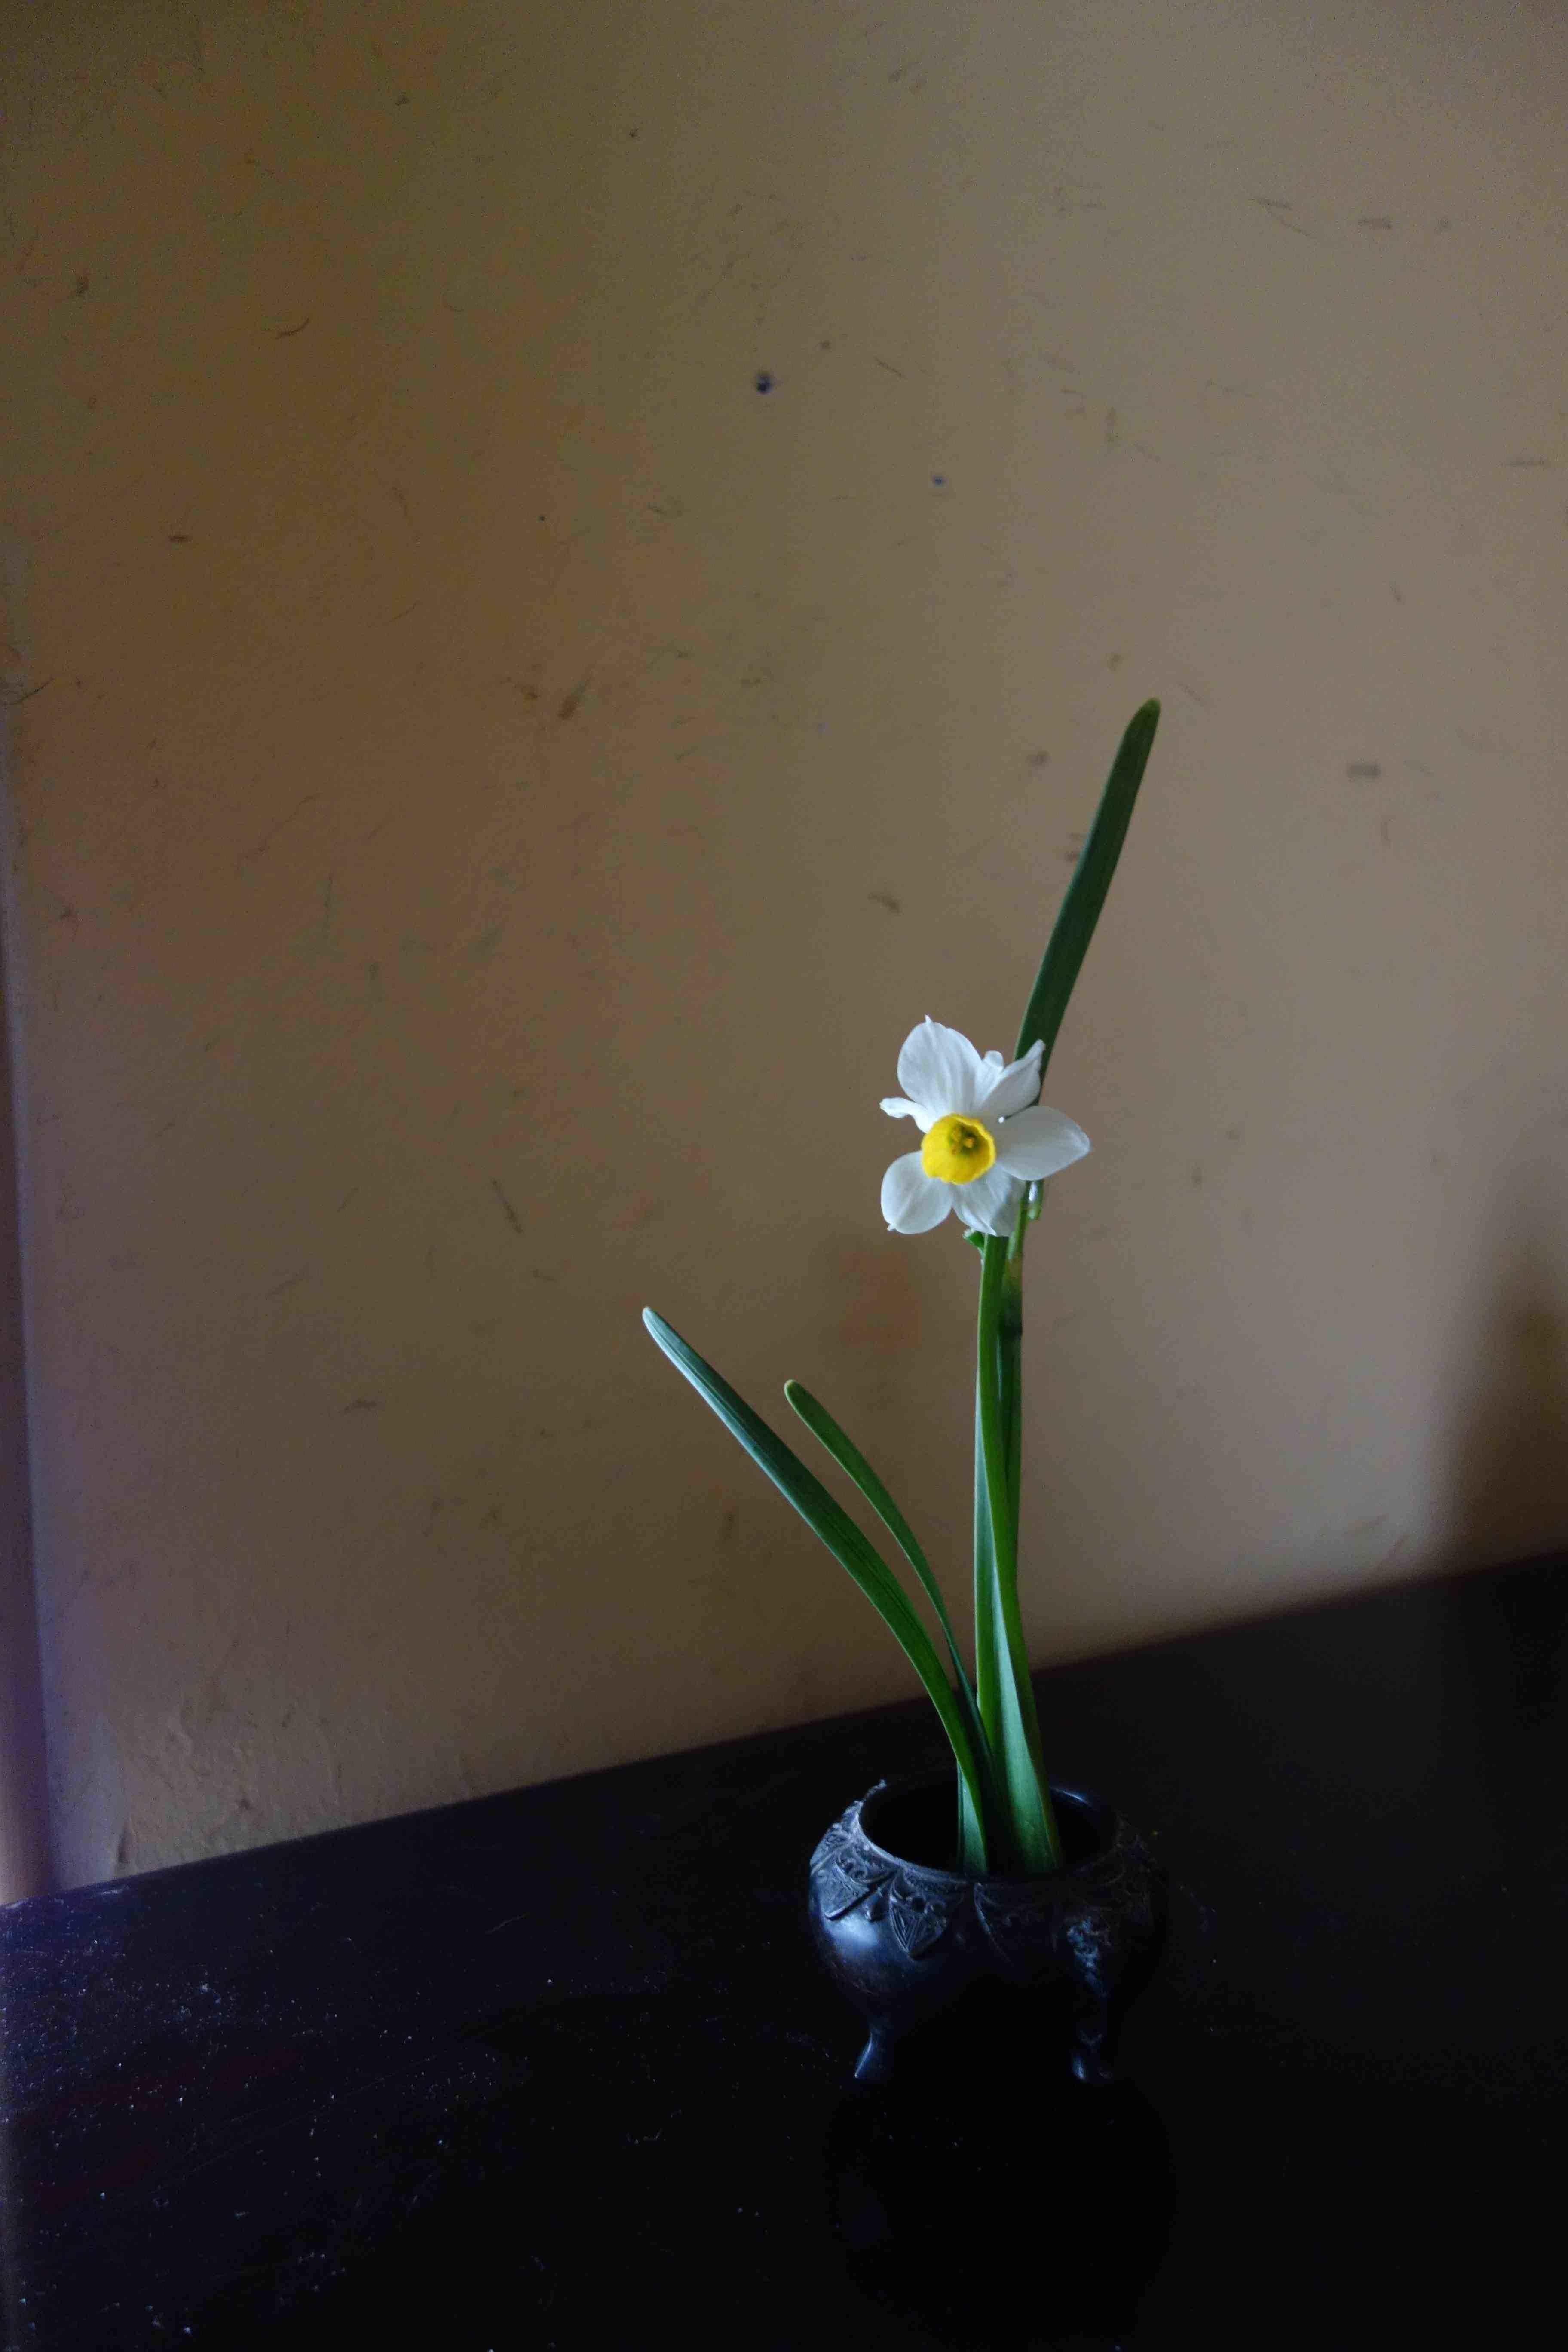 祇園にある美登英利さんの作品_a0197730_11350554.jpg